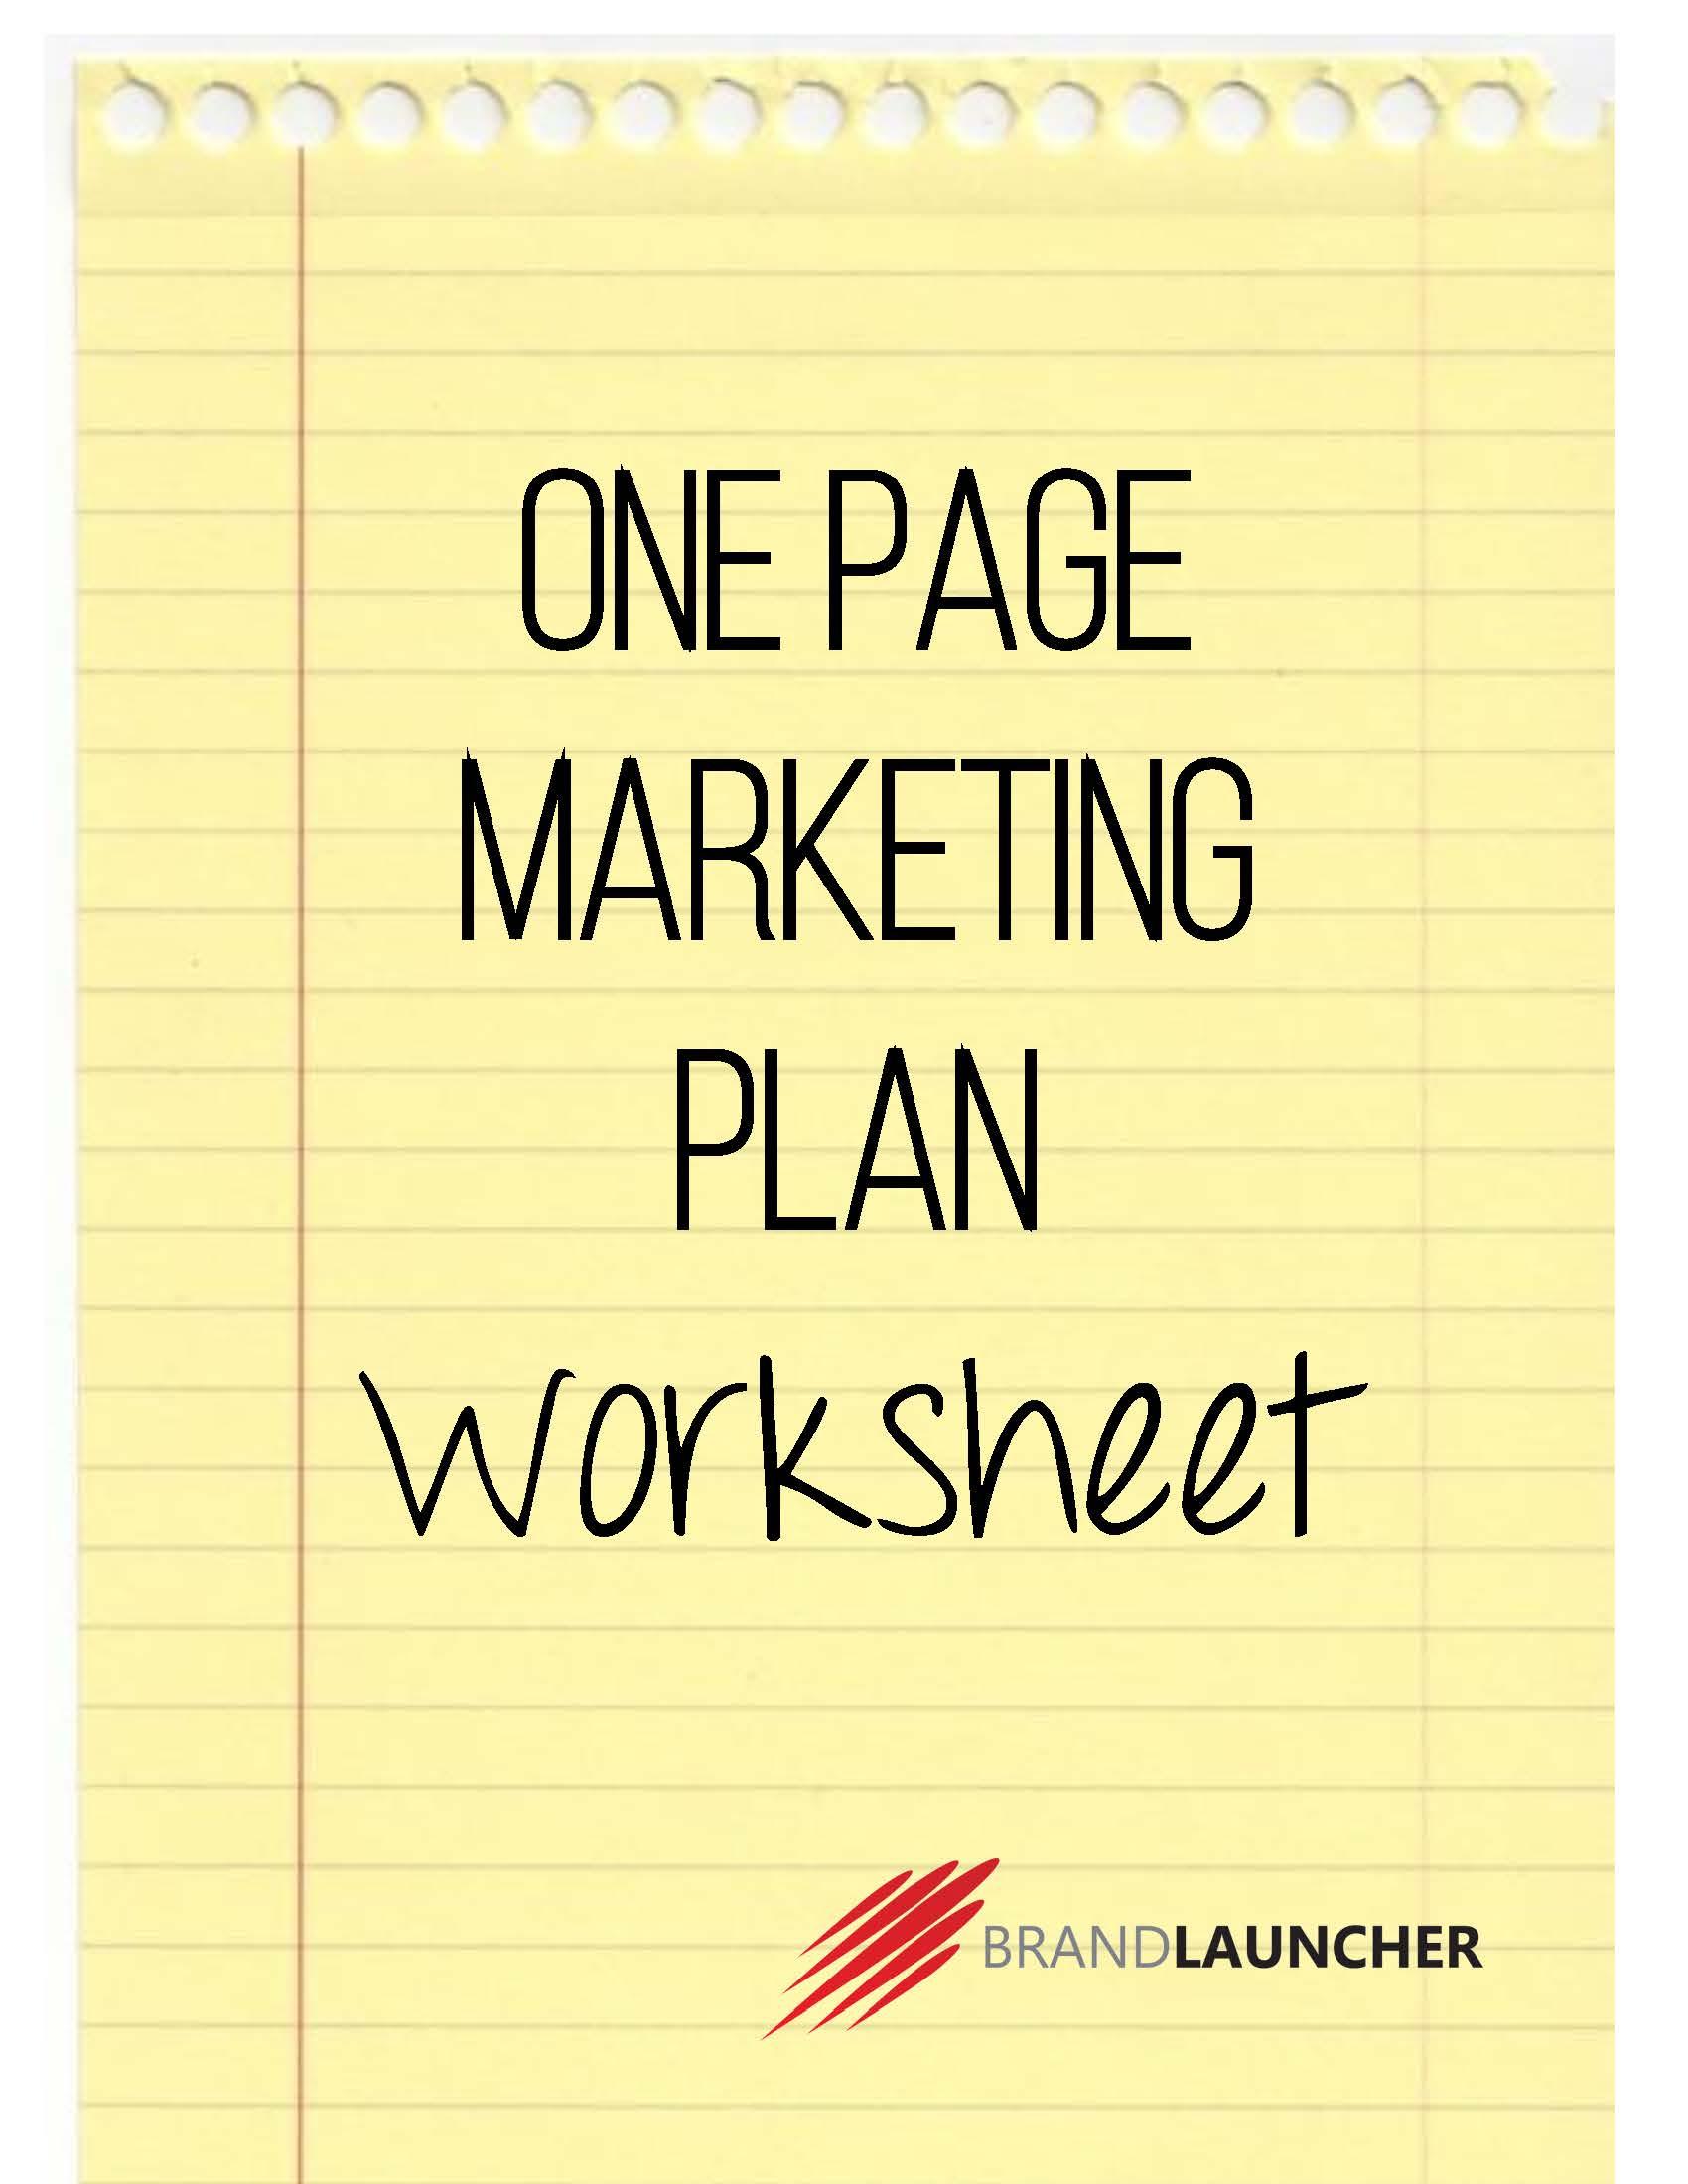 One Page Marketing Plan Worksheet